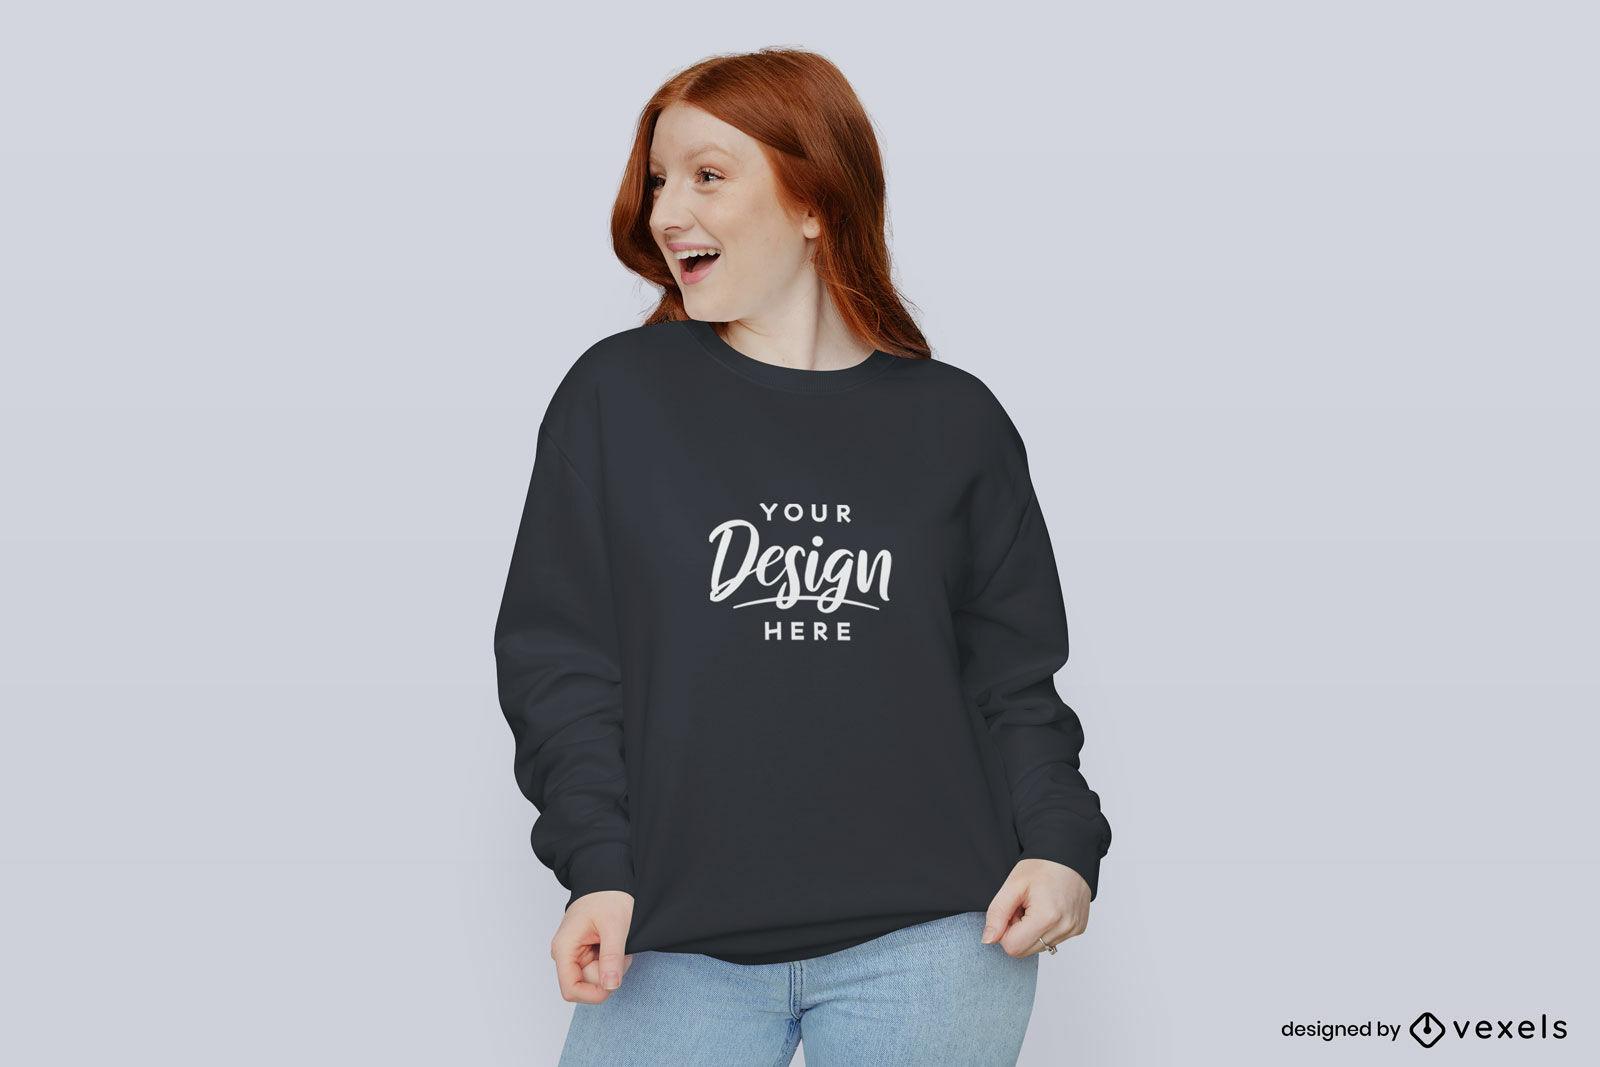 M?dchen im flachen Hintergrund des schwarzen Sweatshirtmodells